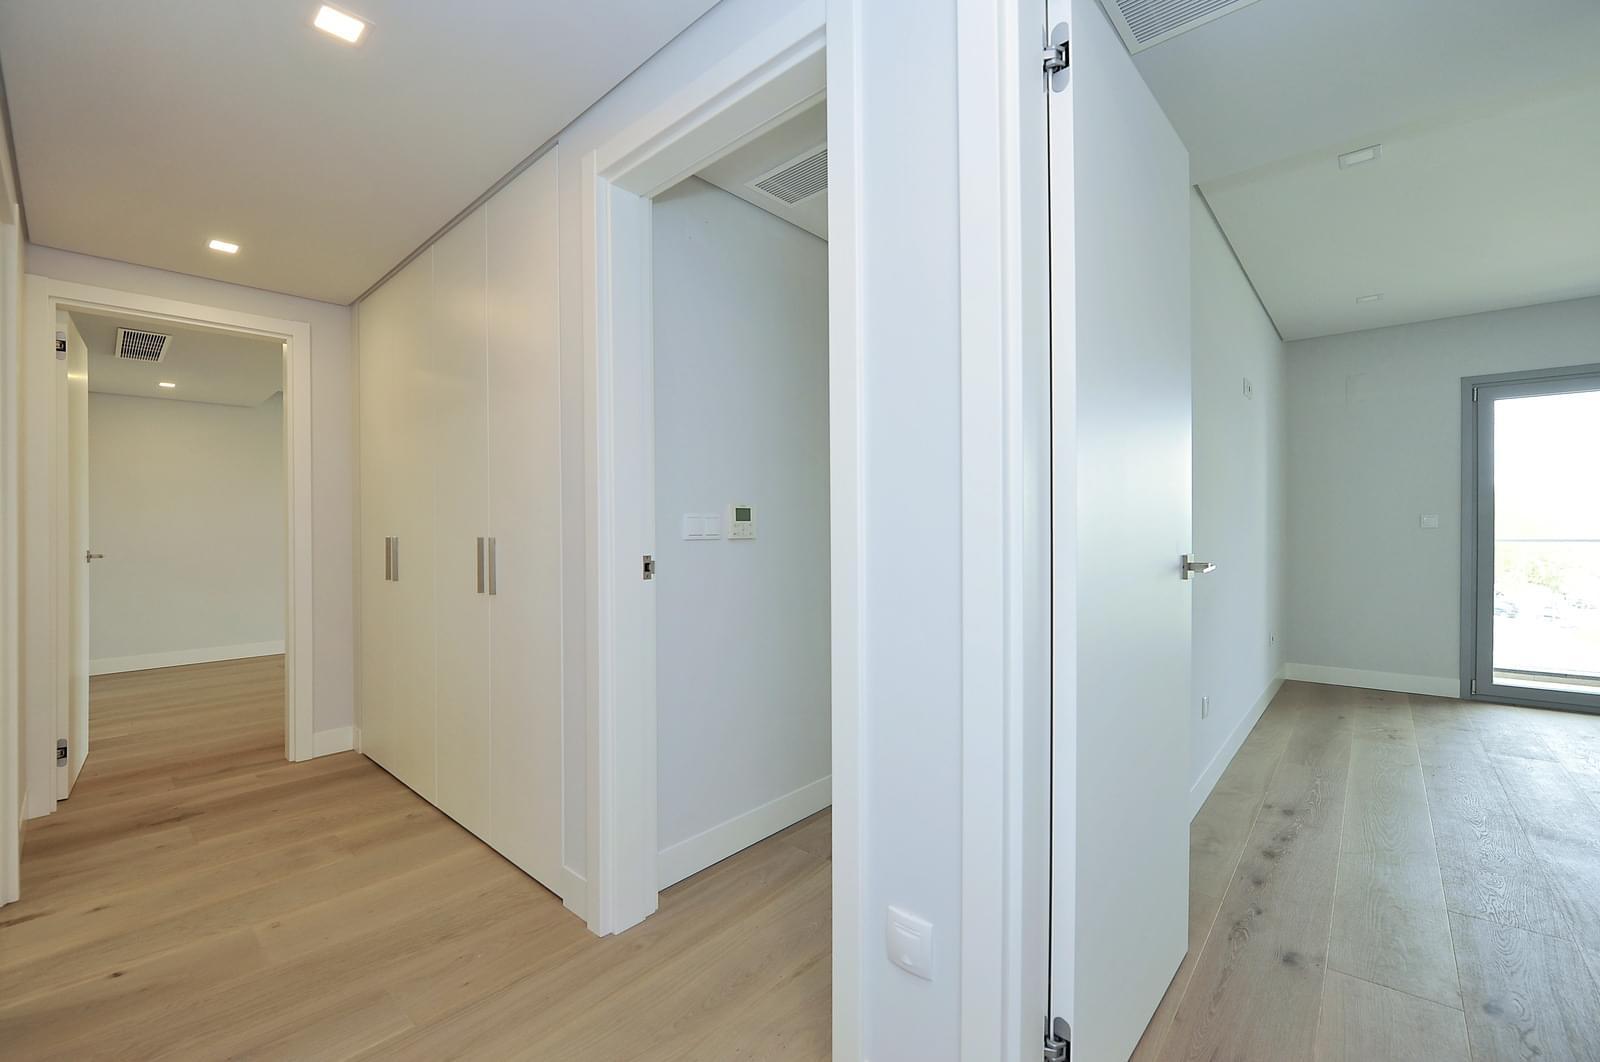 pf18989-apartamento-t4-oeiras-6fe3c80d-5b06-4433-baf2-7bdca4a9f8a9